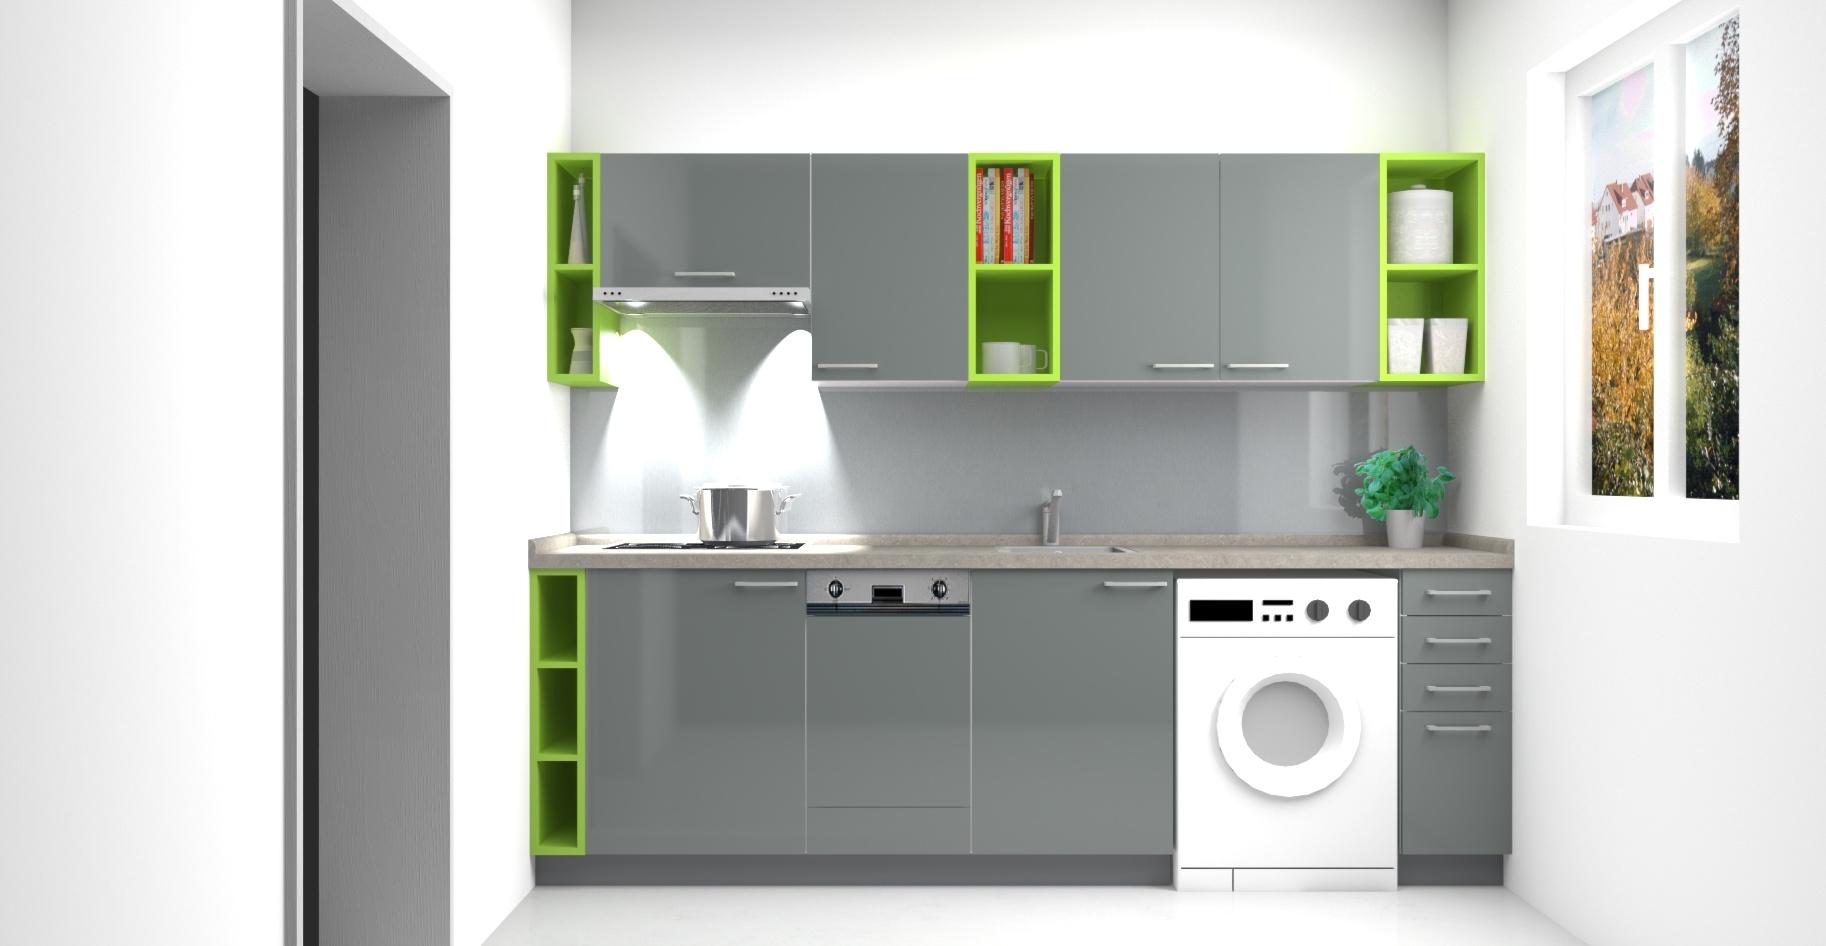 Kuchyňská sestava_3D vizualizace